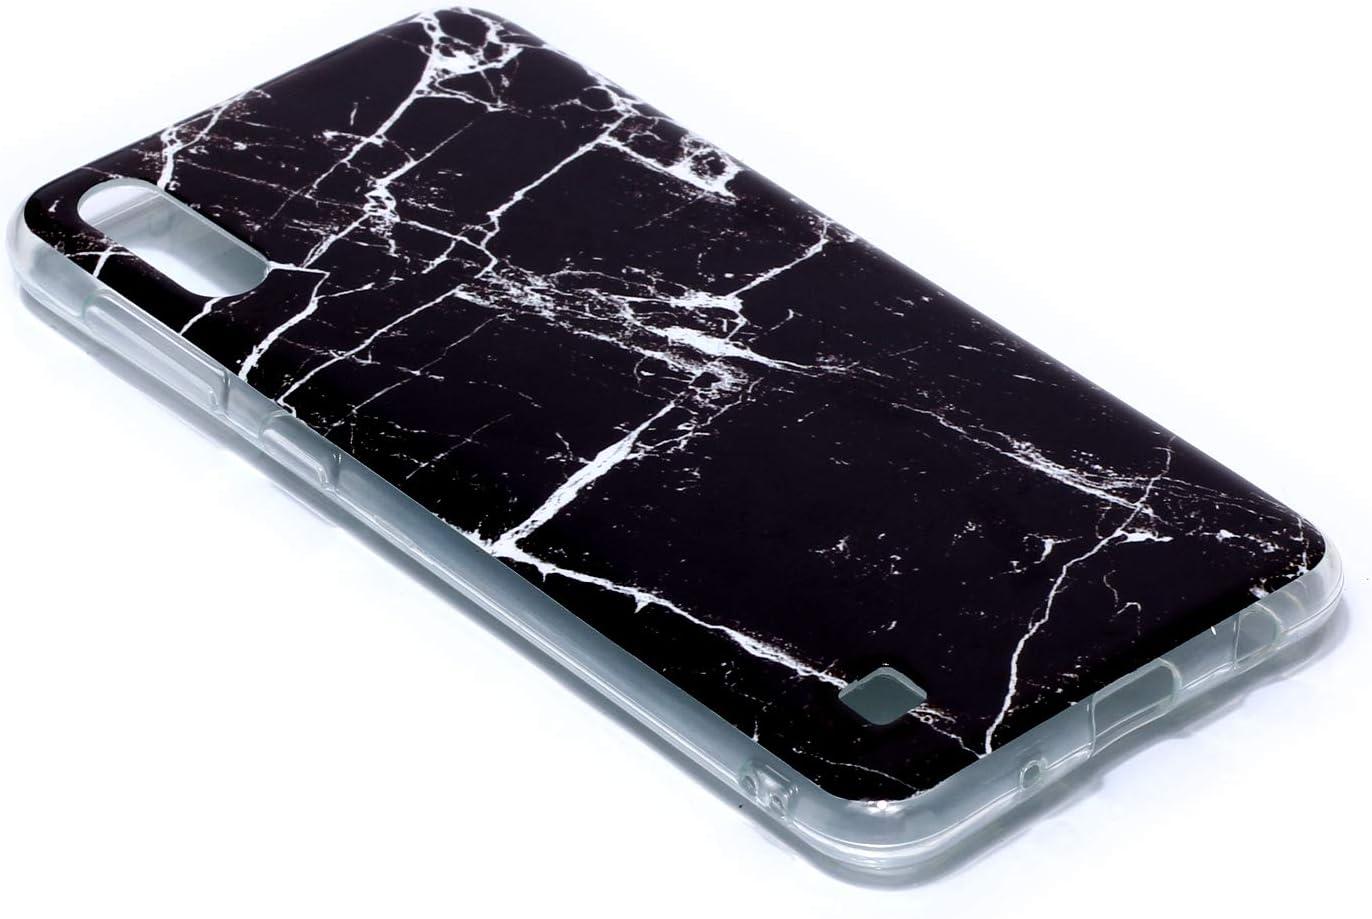 Blanc DiaryTown Compatible avec Coque Samsung Galaxy A10 Marbre Etui Galaxy A10 Housse Antichoc TPU Mince Motif Joli Fine Case pour Hommes Femmes M10 Silicone Souple